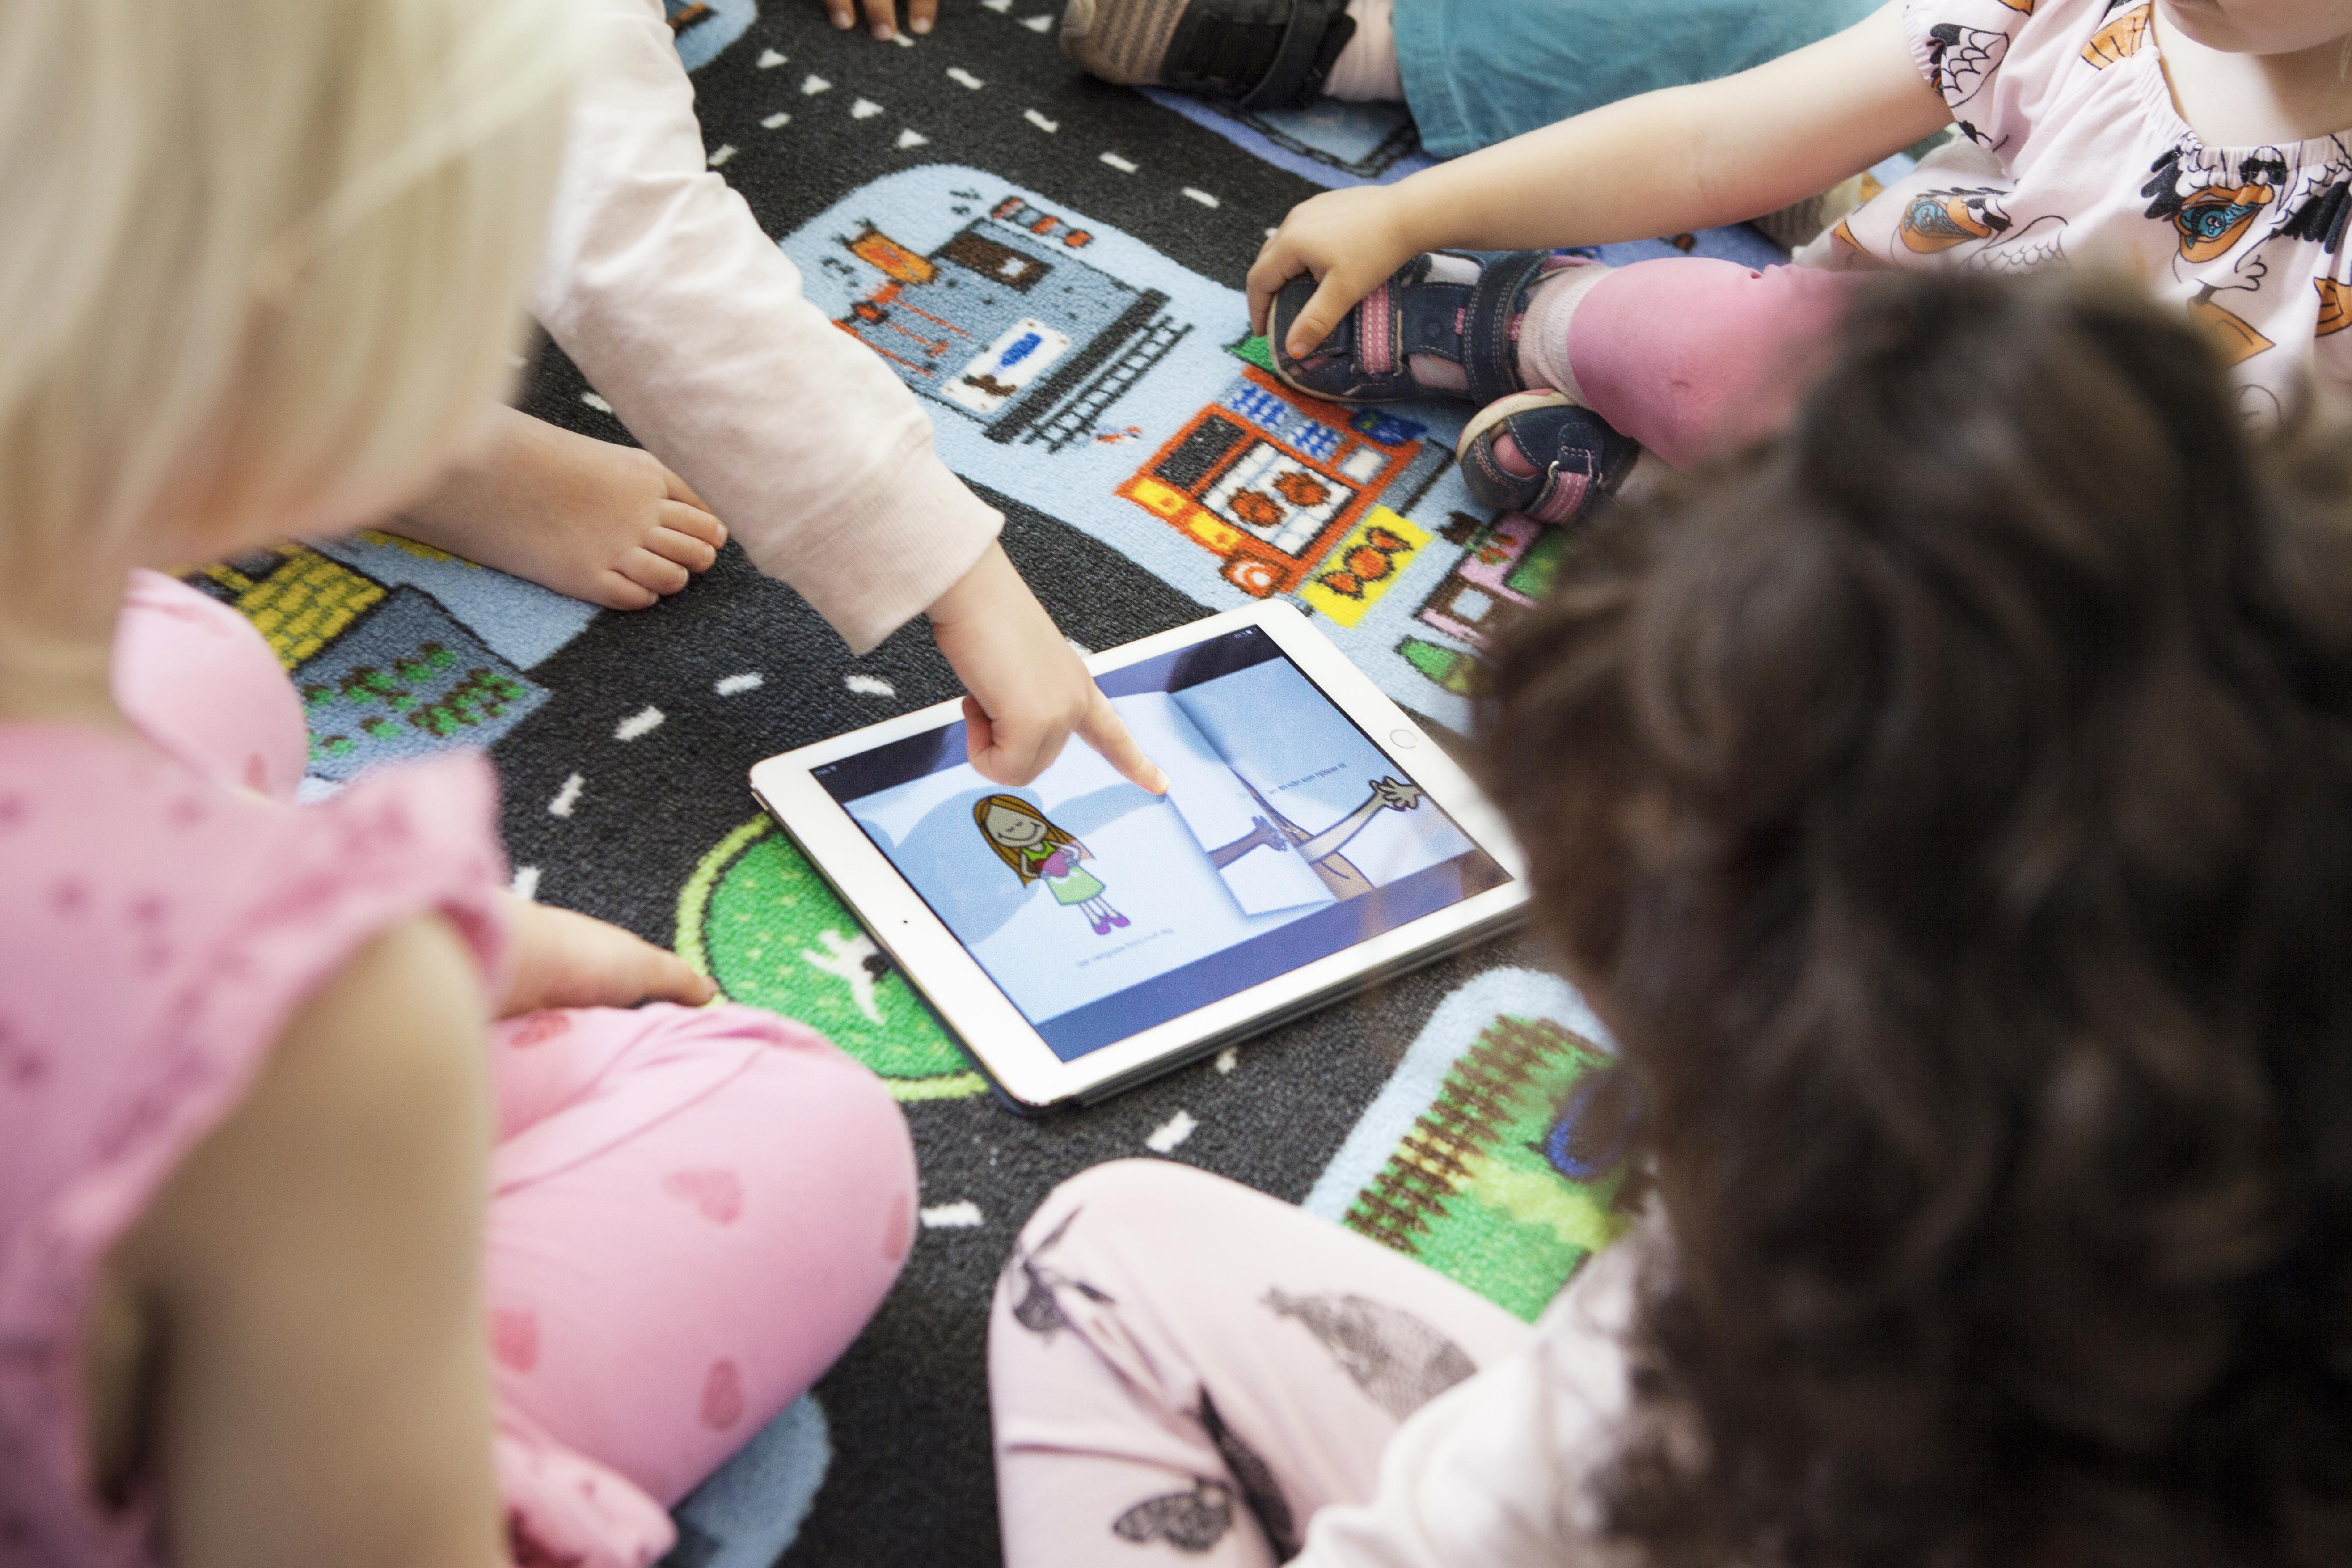 Kinder spielen mit Tablets